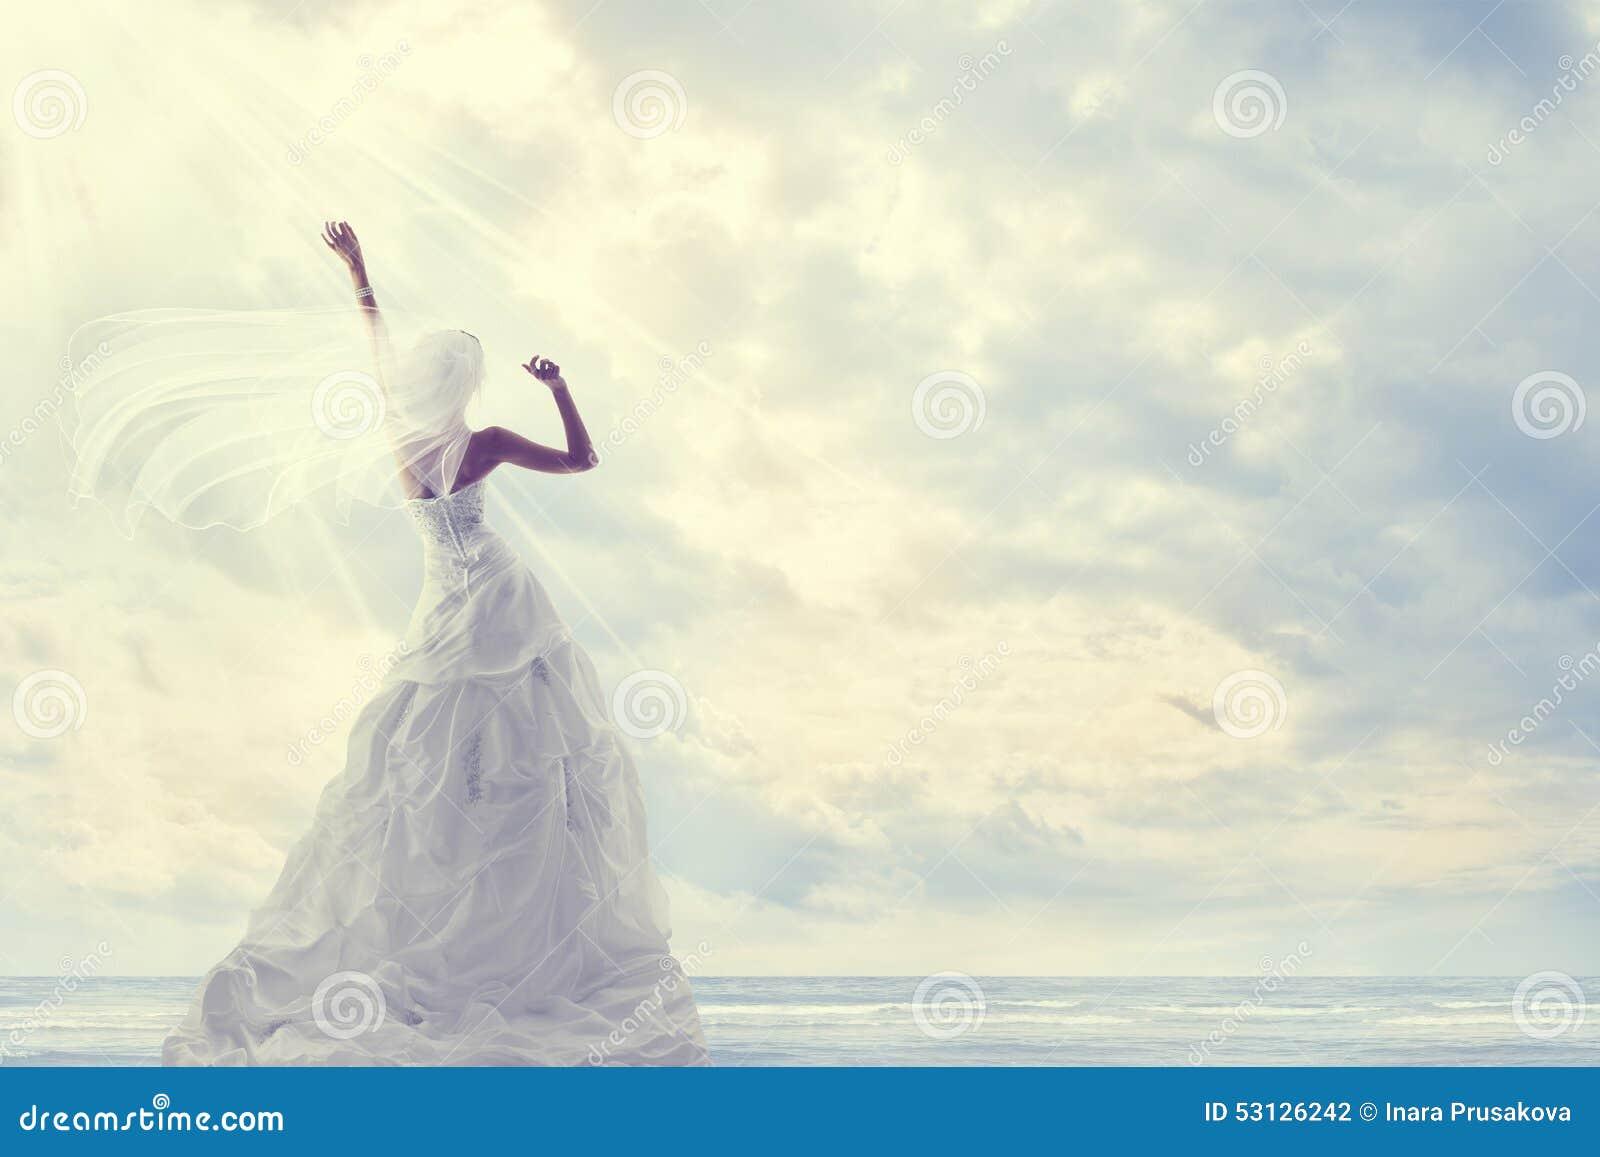 Viaggio di luna di miele, vestito da sposa dalla sposa, viaggio romantico, cielo blu